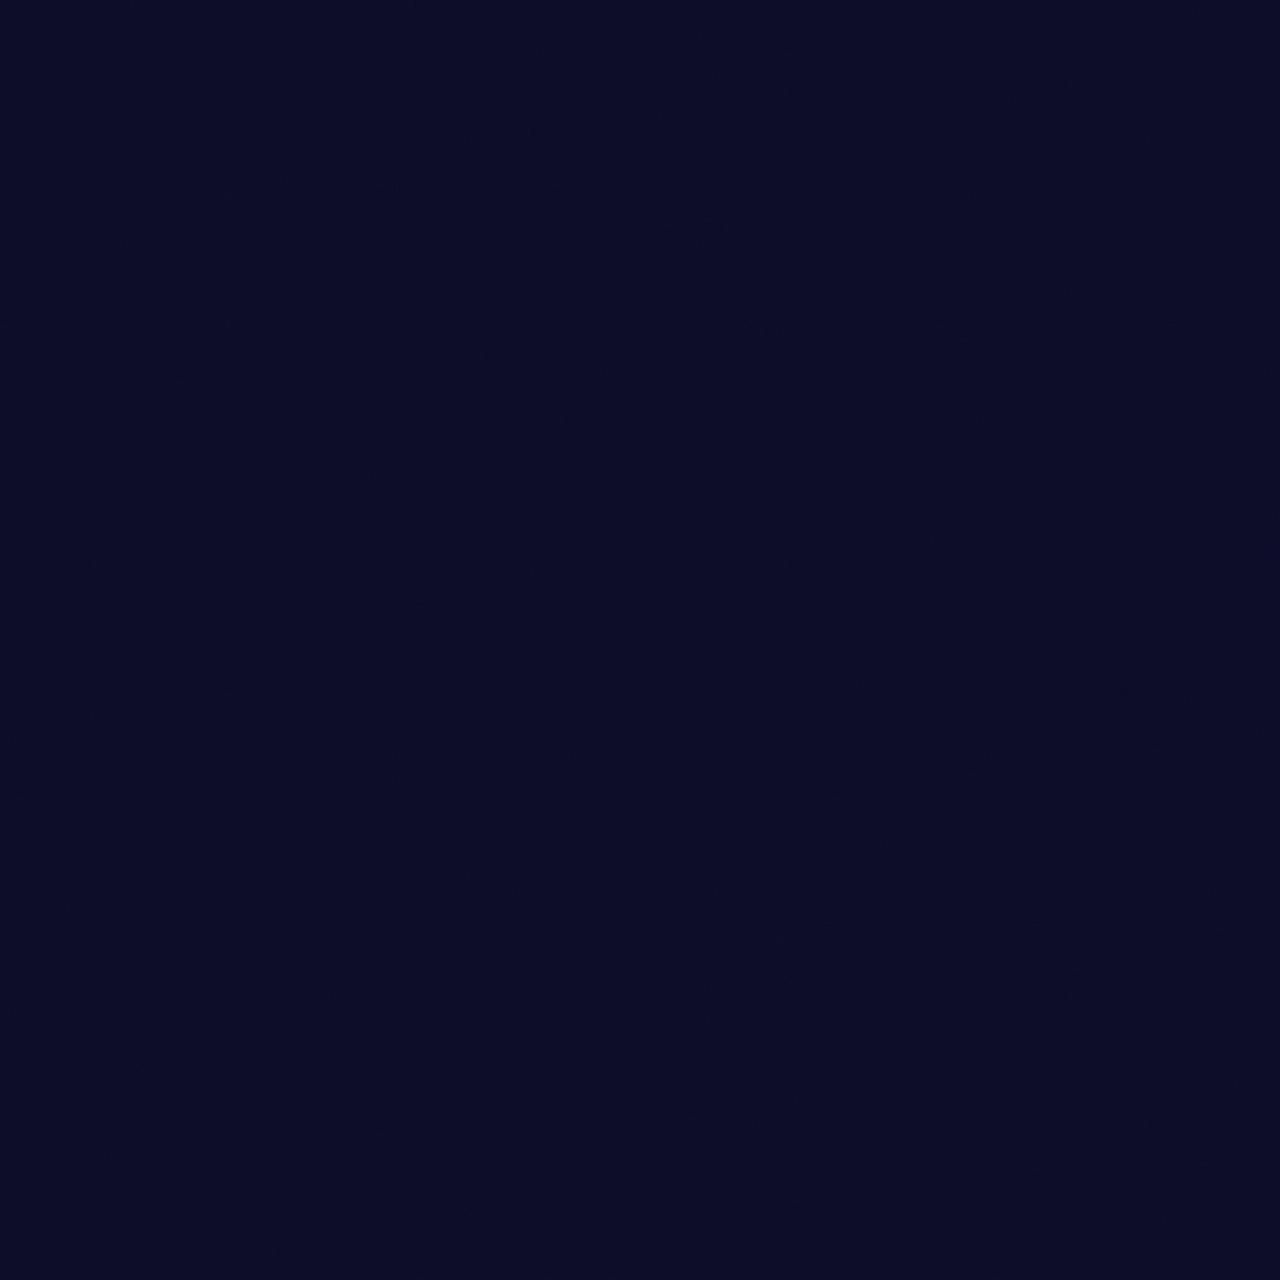 Глянцевые натяжные потолки Бельгия синий L 160